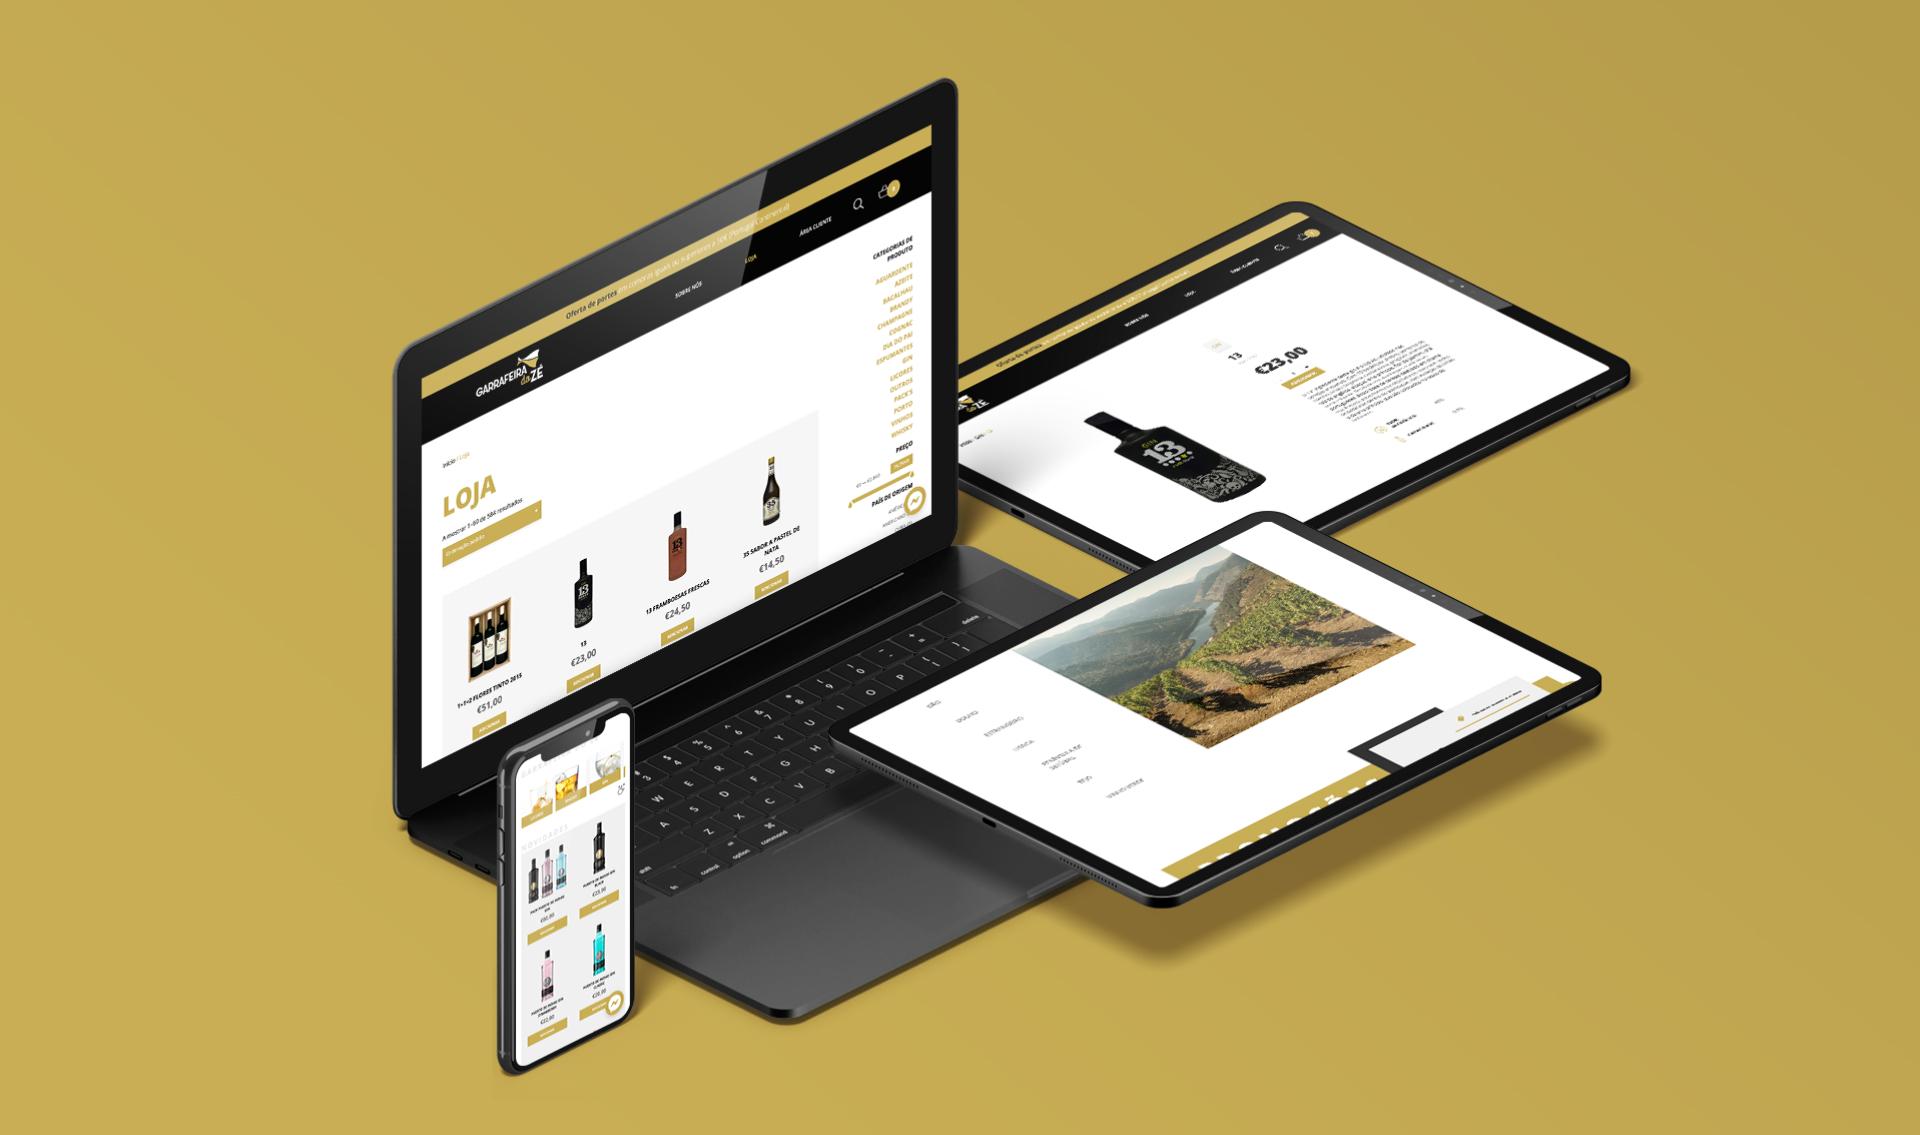 Loja online Garrafeira do Zé em vários dispositivos